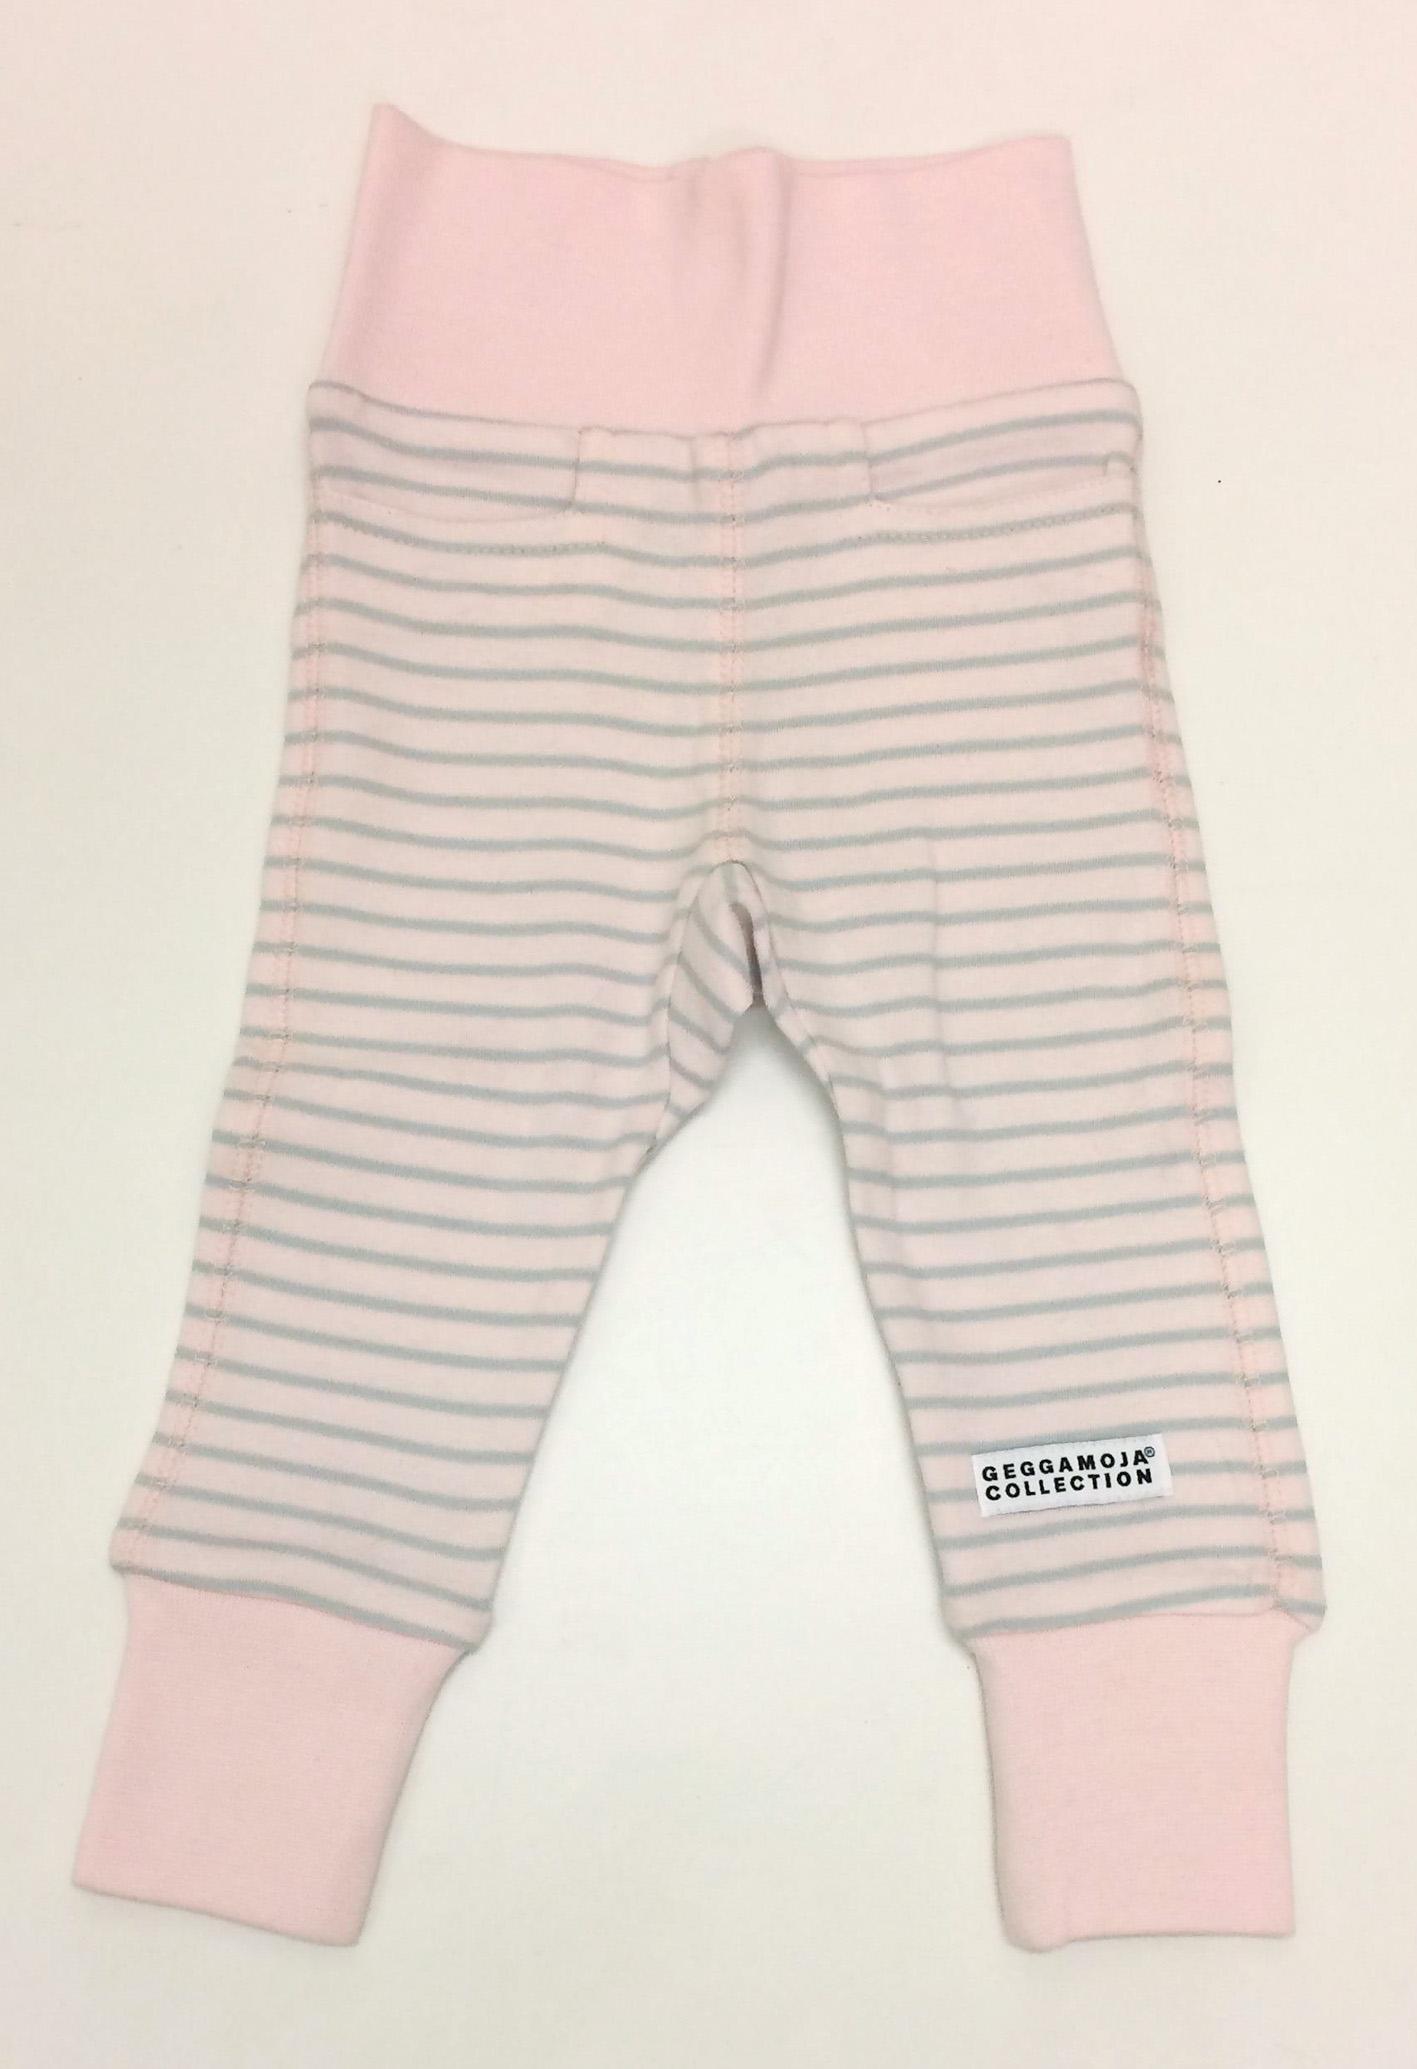 GM bebisbyxor blekrosa-grå